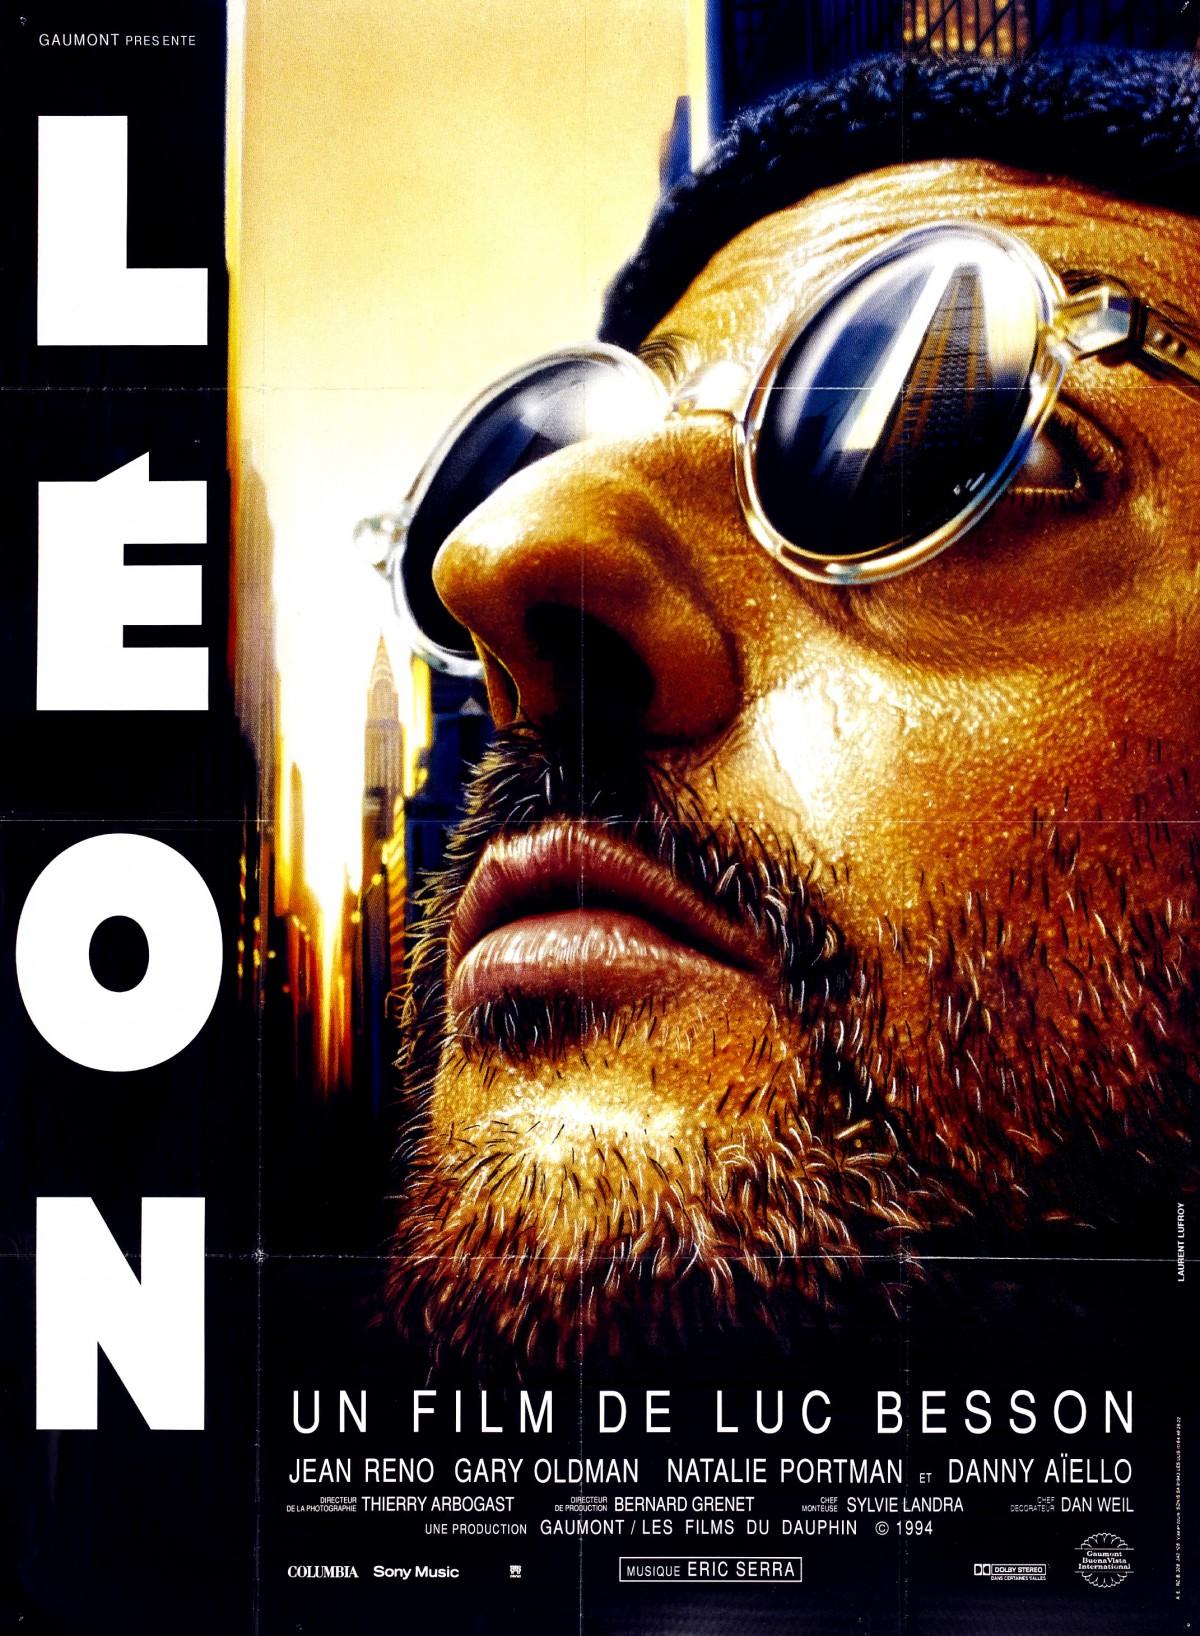 38. Leon (1994)